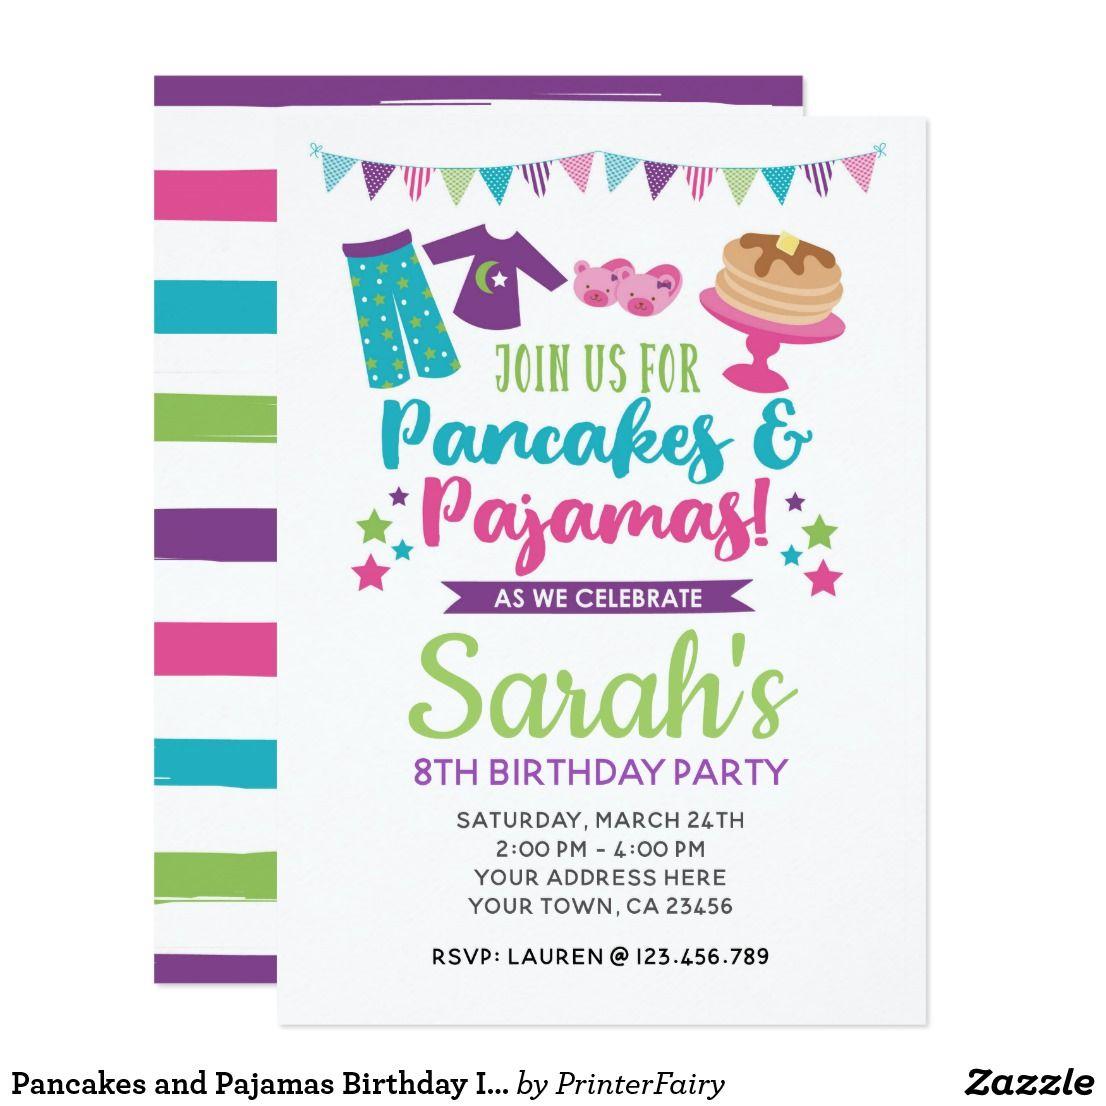 Pancakes and Pajamas Birthday Invitation 포함)